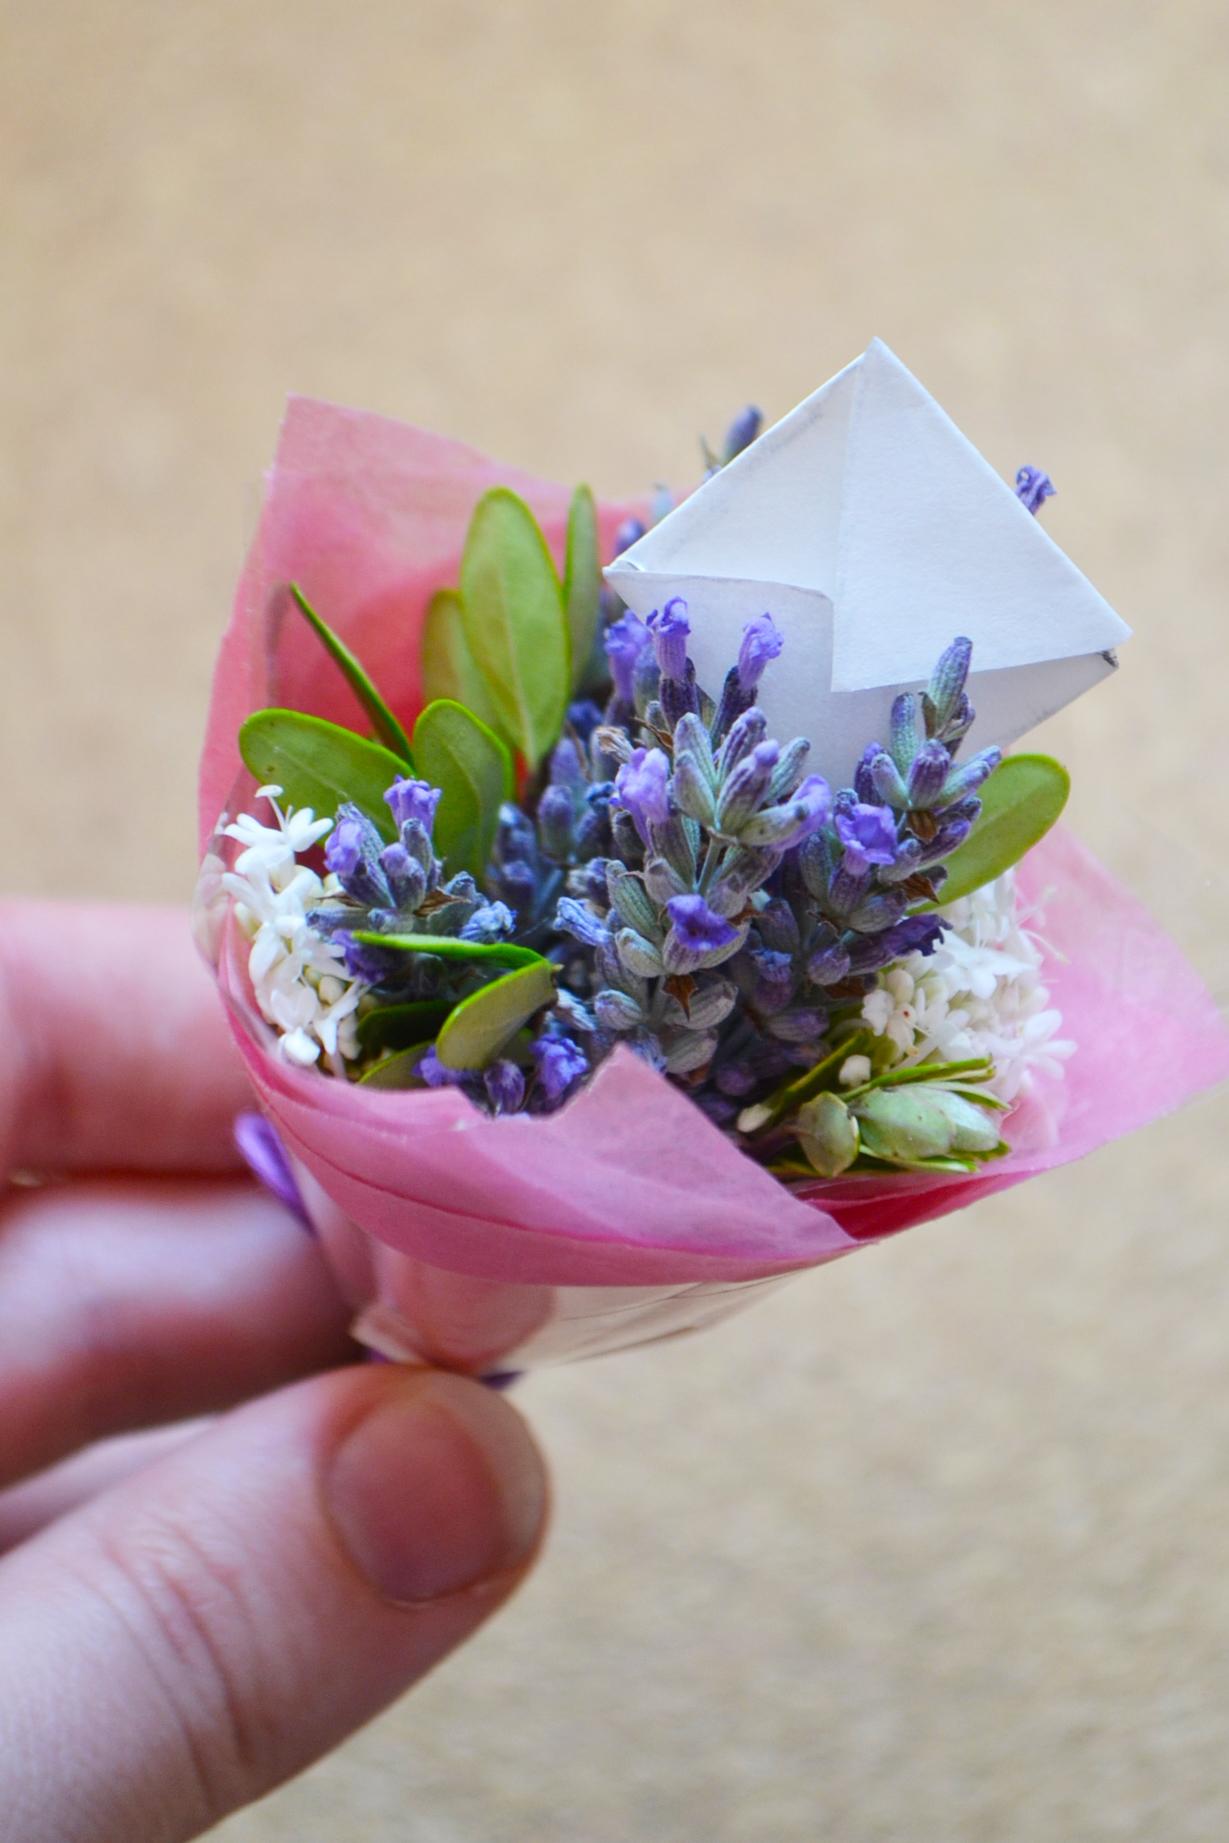 DIY Miniature Bouquets by Wallflower Girl